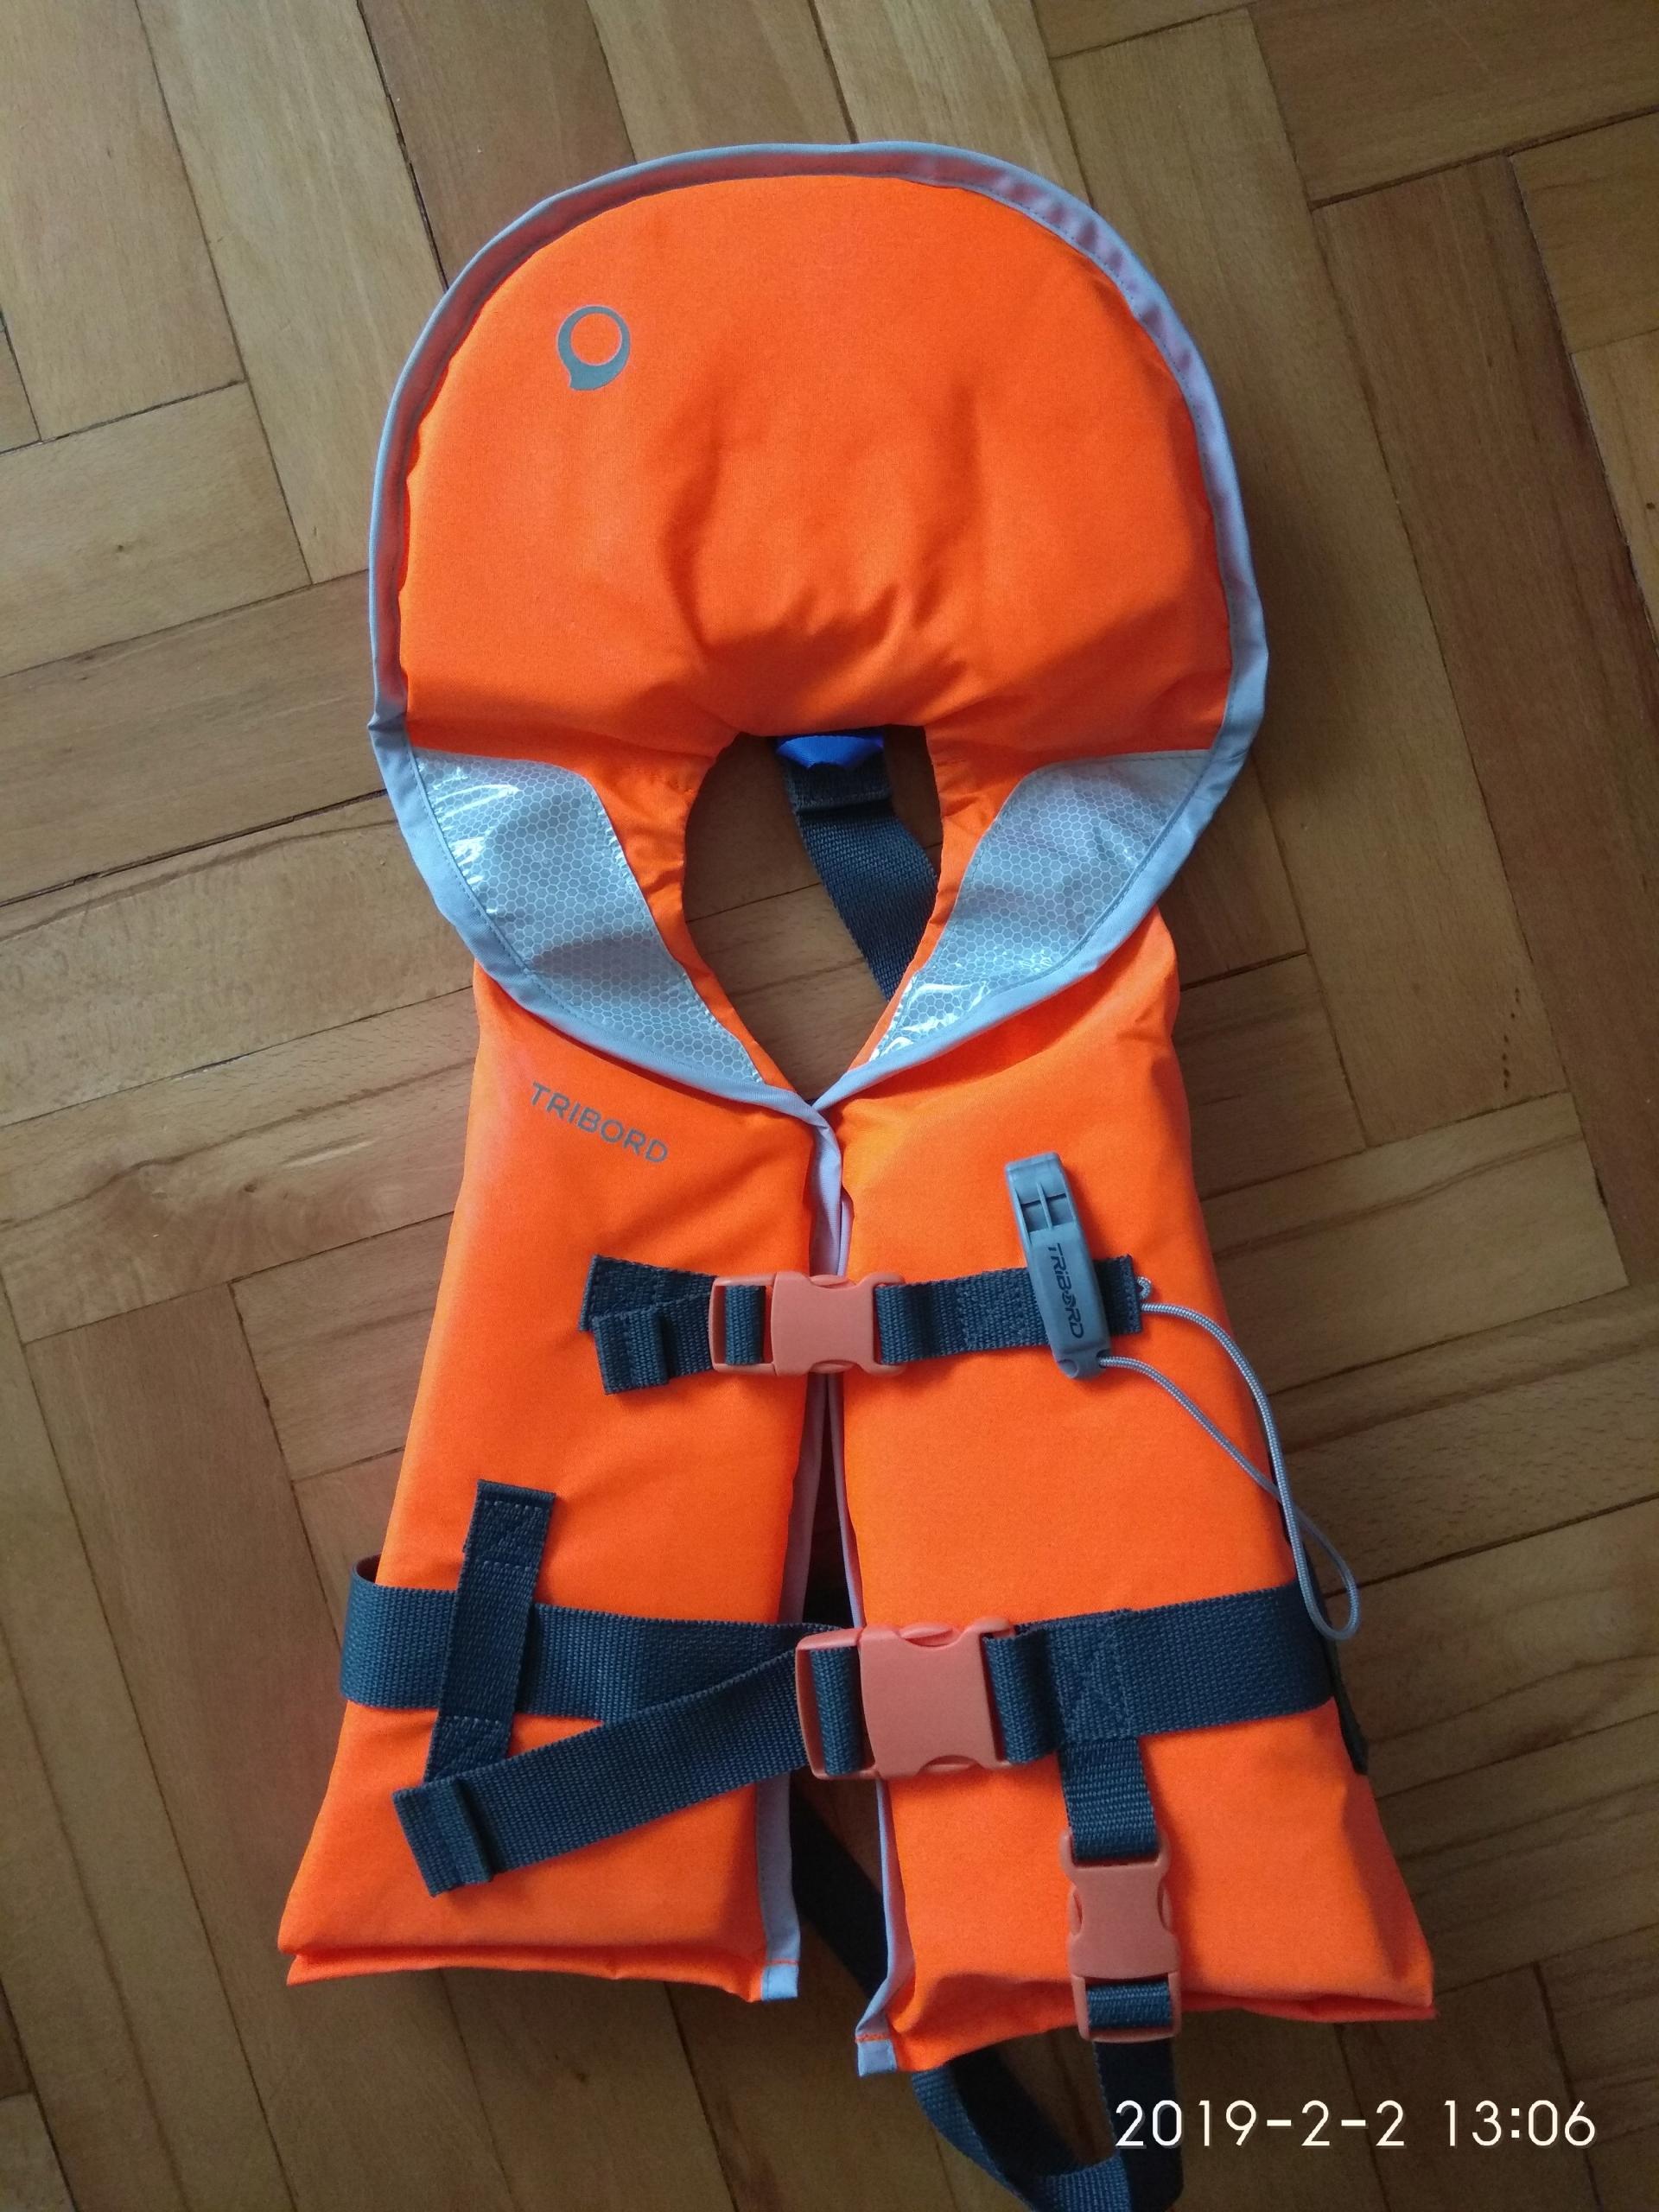 kamizelka ratunkowa kapok dla dziecka 15-30 kg